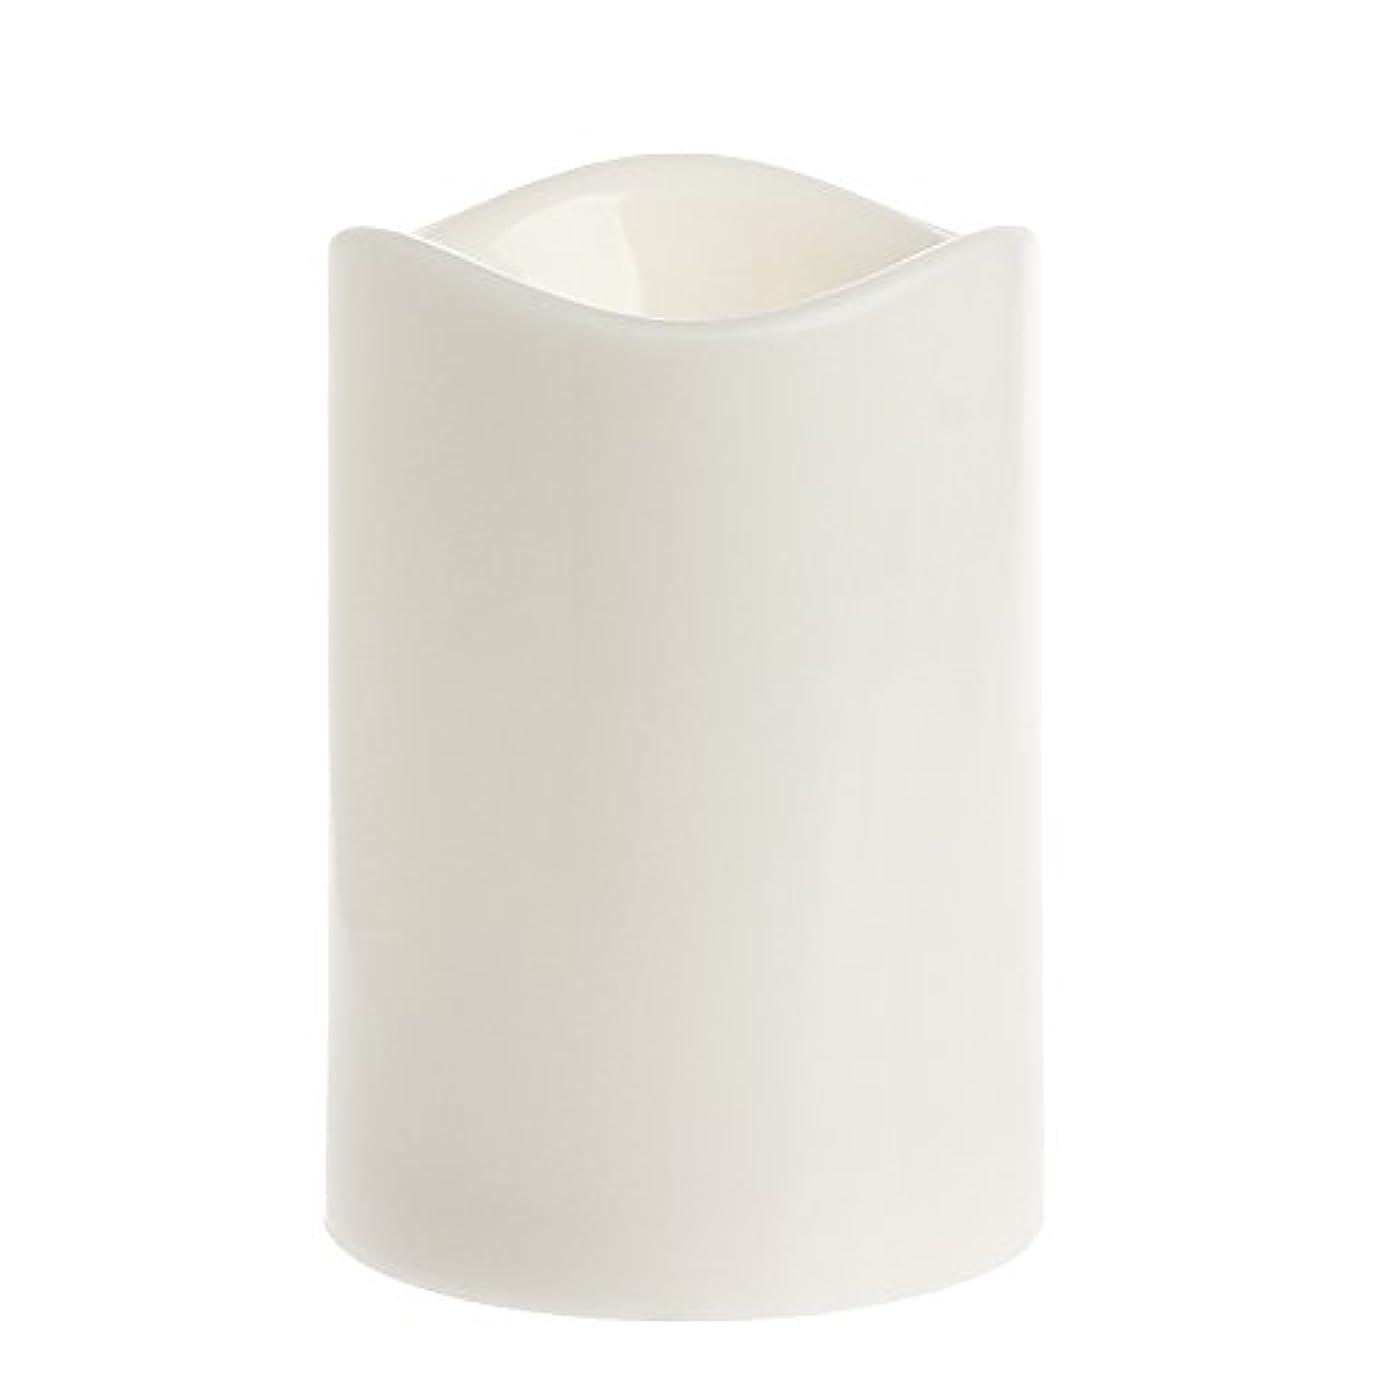 成果比較的ボールSimpleLife ロマンチックなFlameless LED電子キャンドルライト結婚式の香りワックスホームインテリア13 * 7.5センチメートル